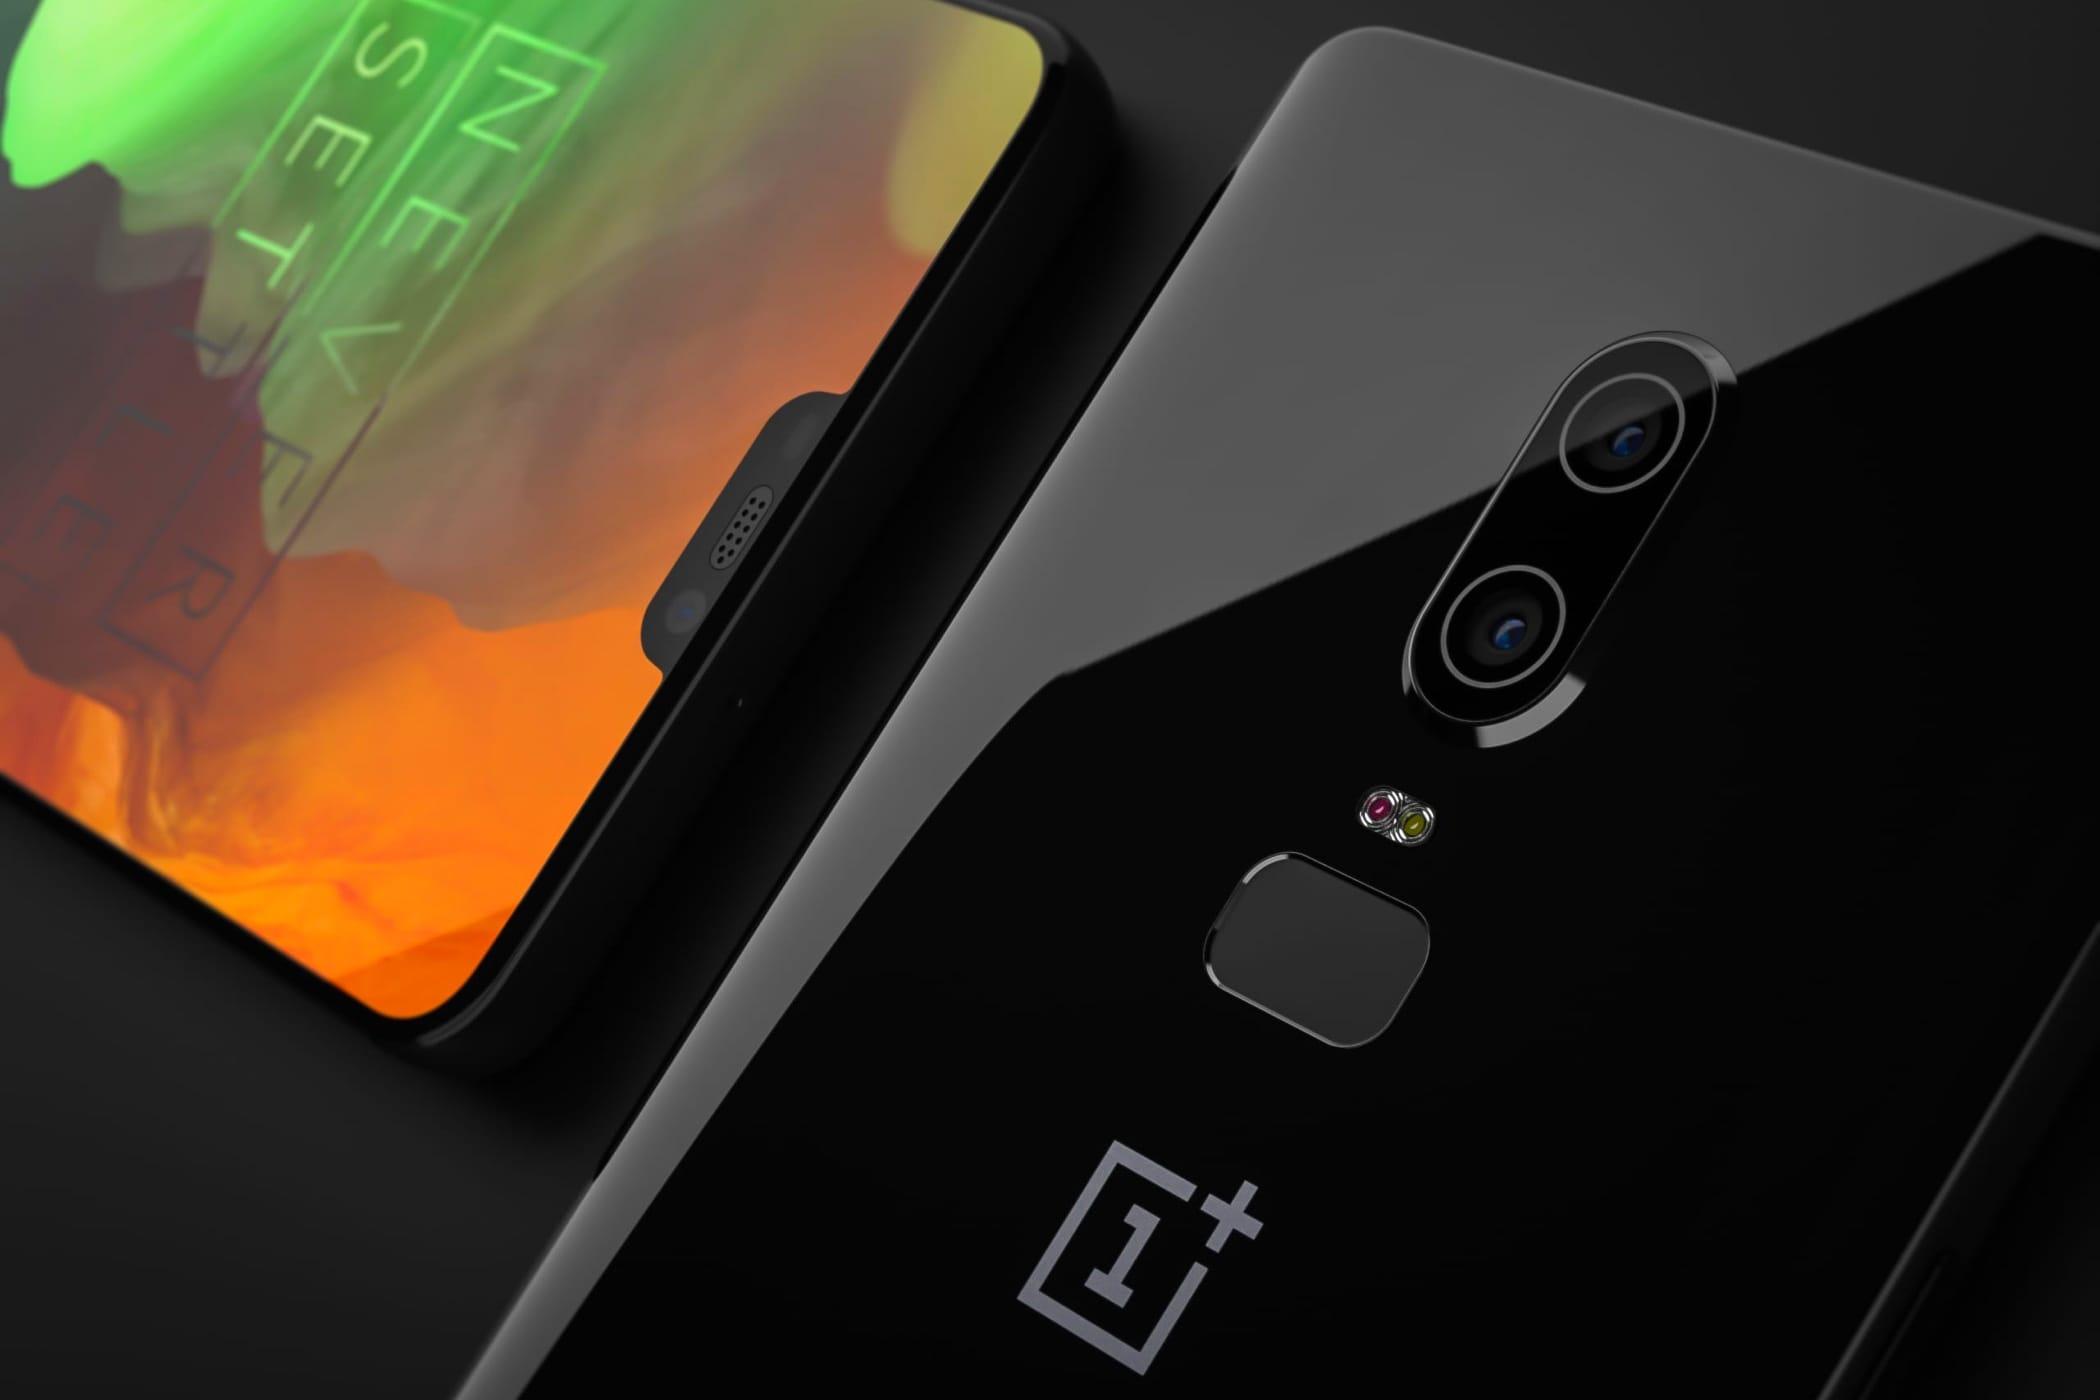 Смартфон OnePlus 6 снабжается стеклянным корпусом